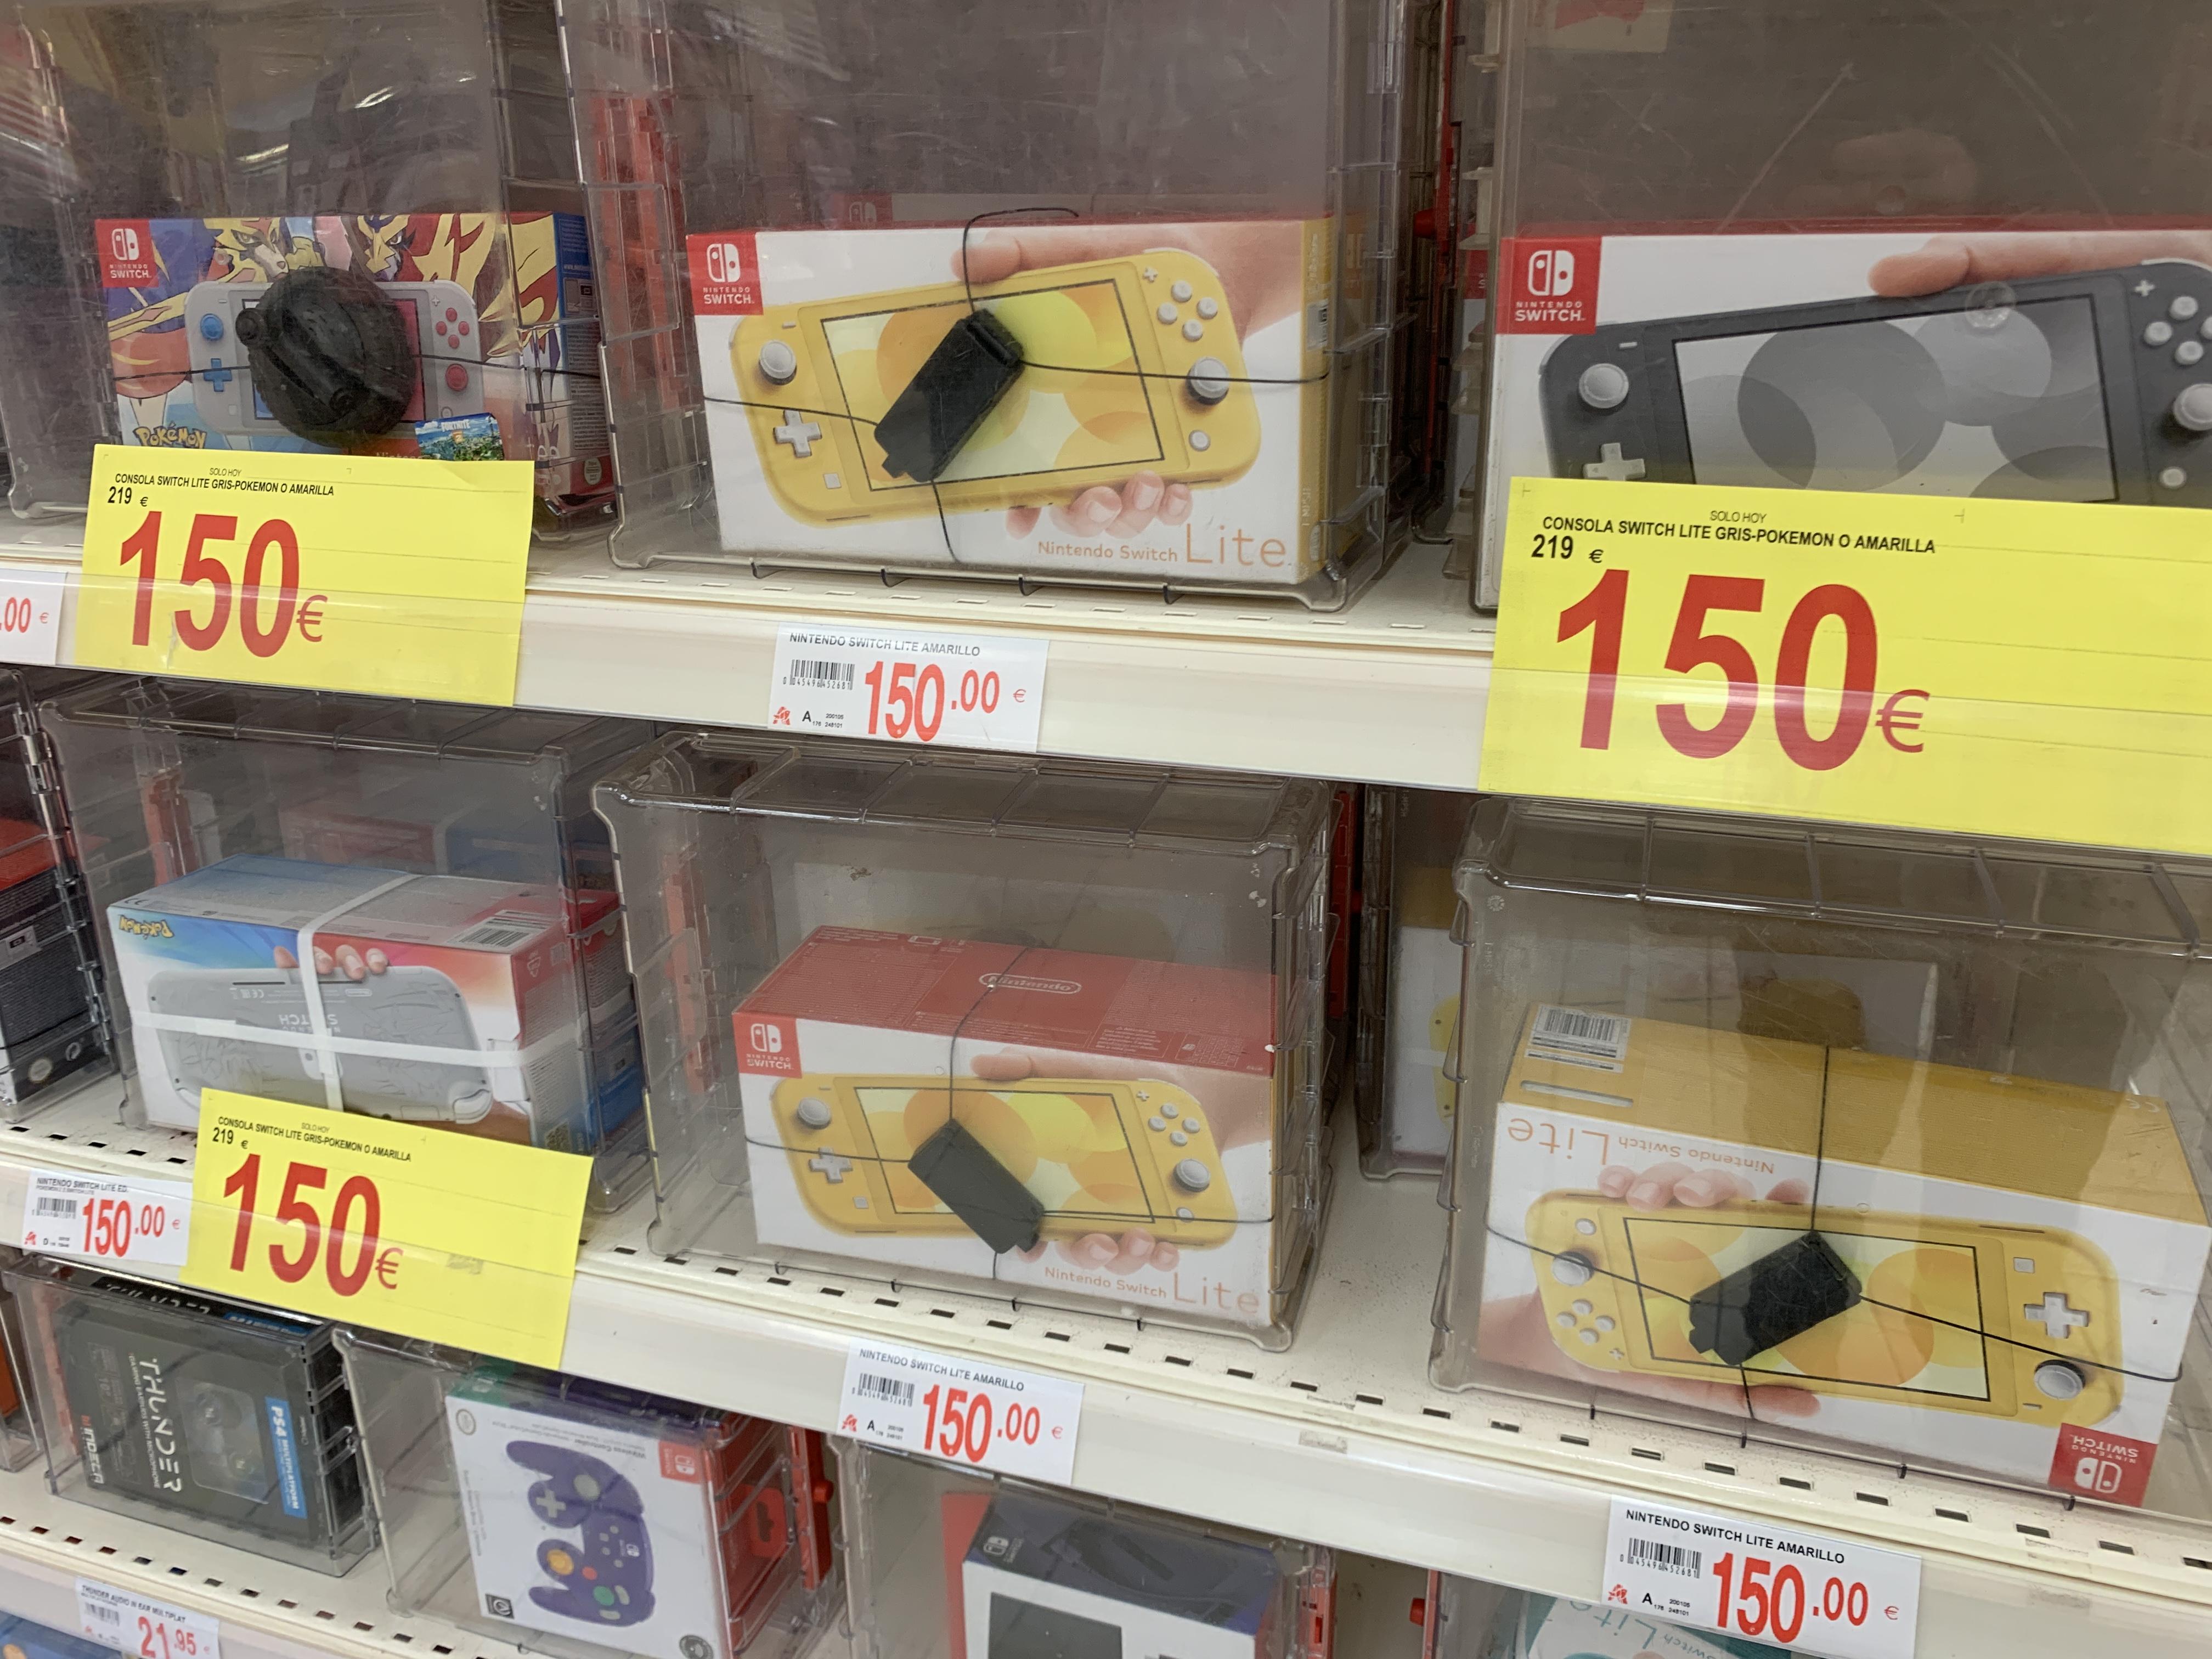 Nintendo Switch Lite a 150 euros en Alcampo Gijón